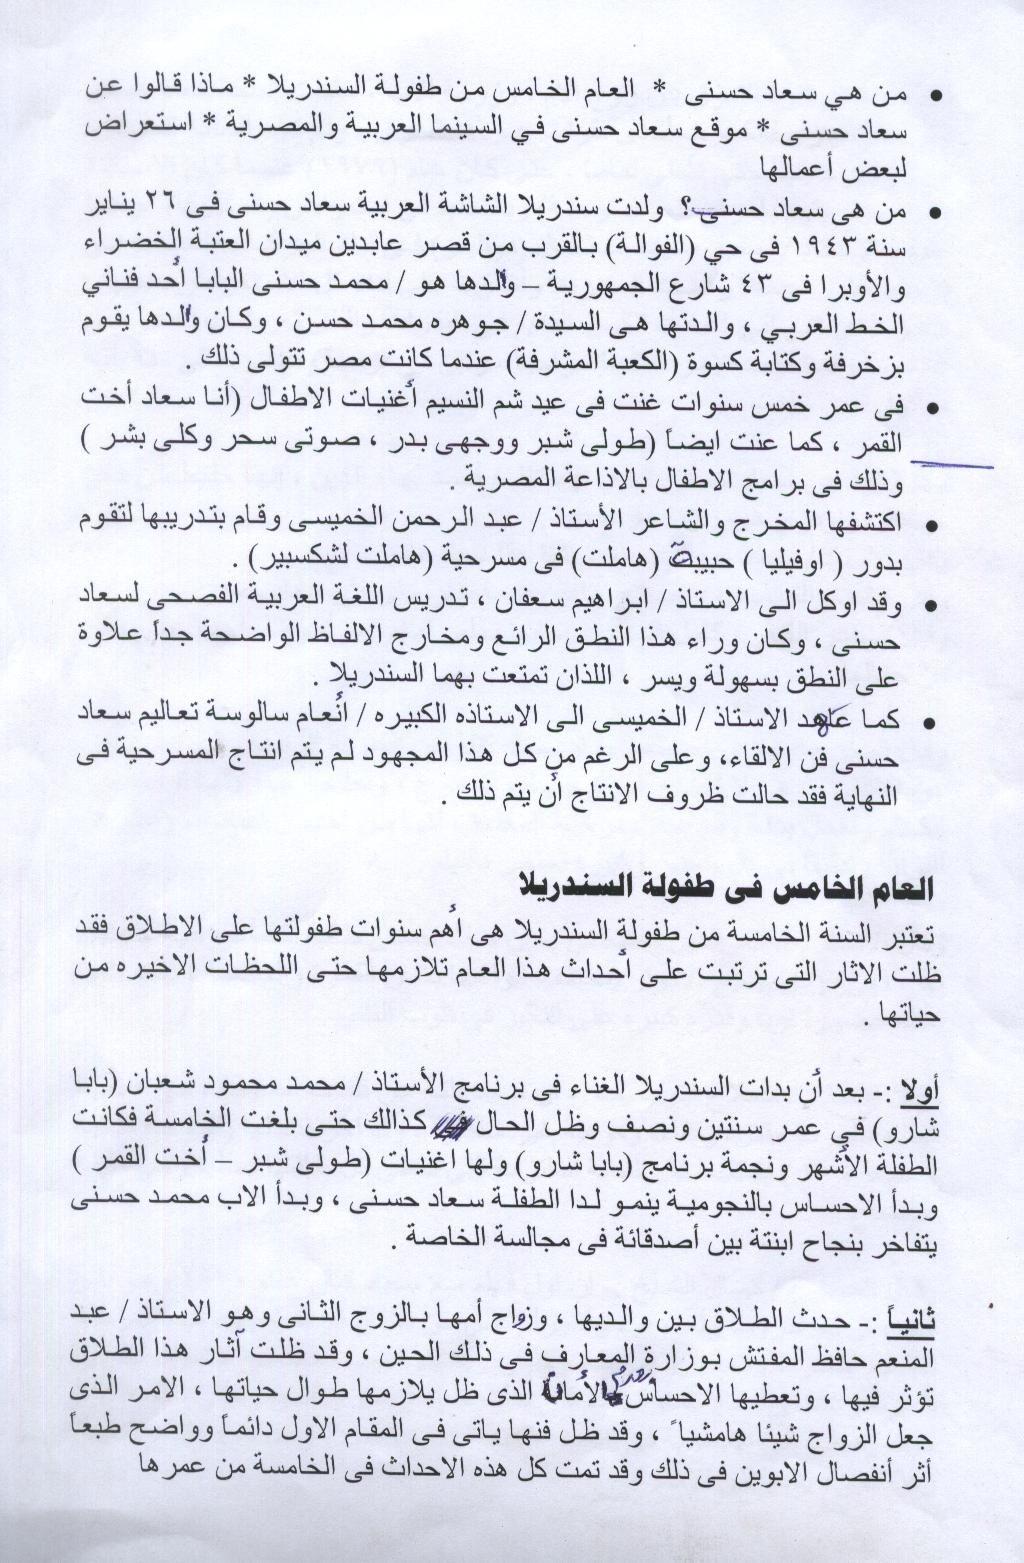 مقال - مقال صحفي : قصة حياة سعاد حسني .. مأخوذة من أحد الكتب 2006 (؟) م 168j6ew